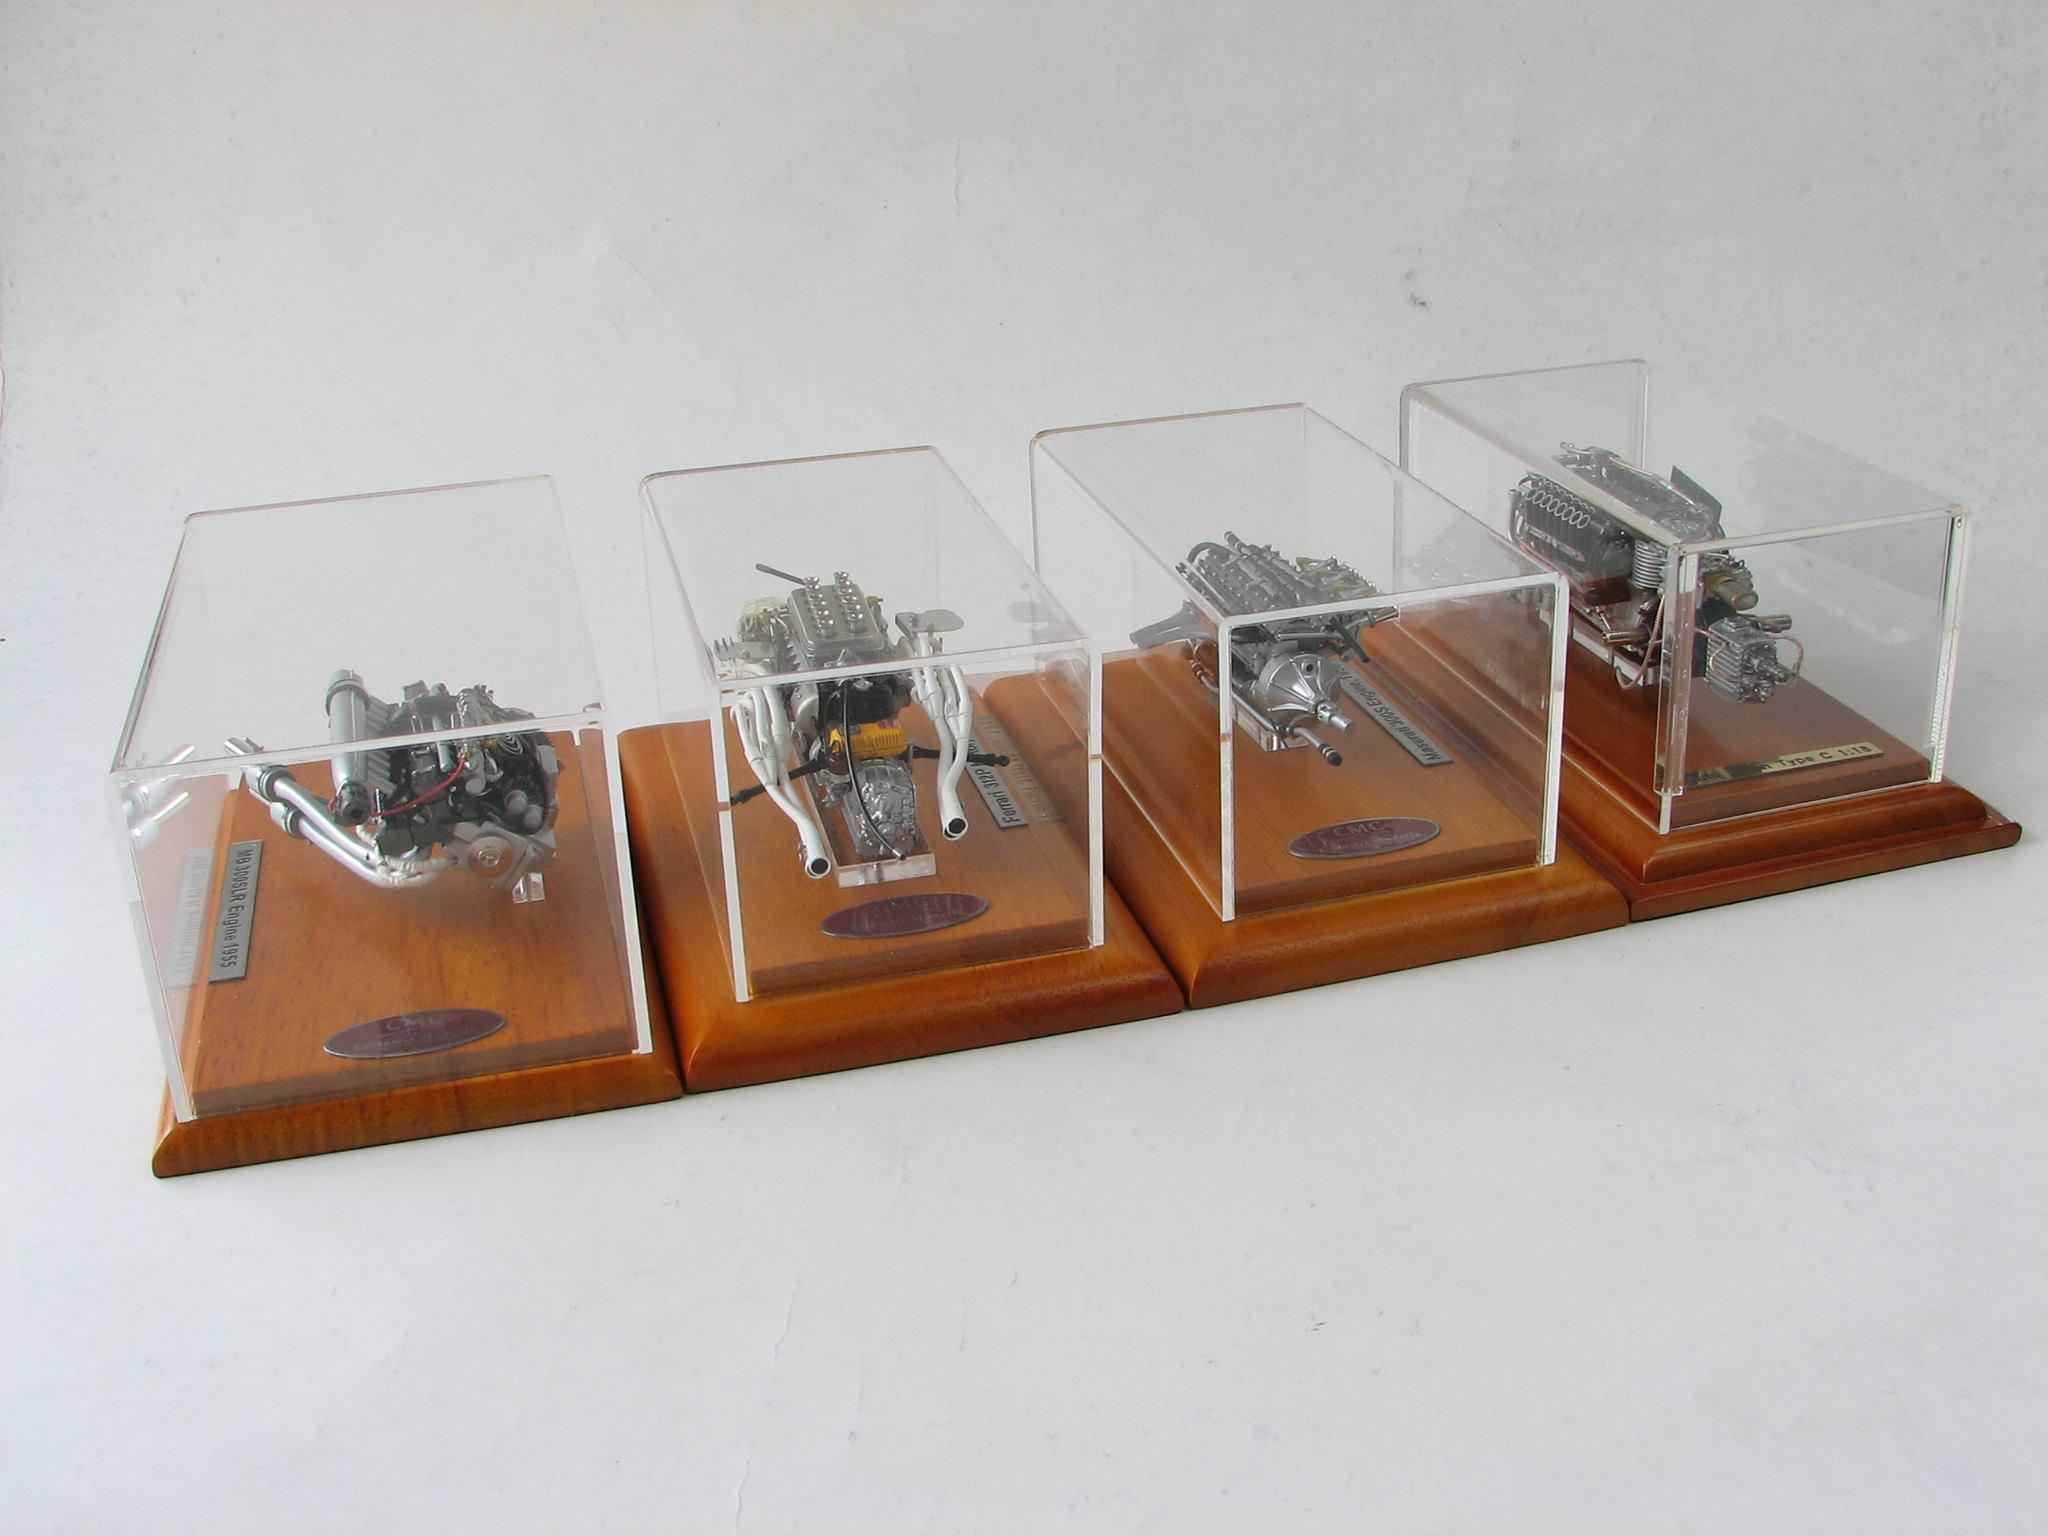 AUTO-MODELY.CZ - Ing. Karel Cvejn, reprezentační vitríny pro ochranu modelů aut a figurek